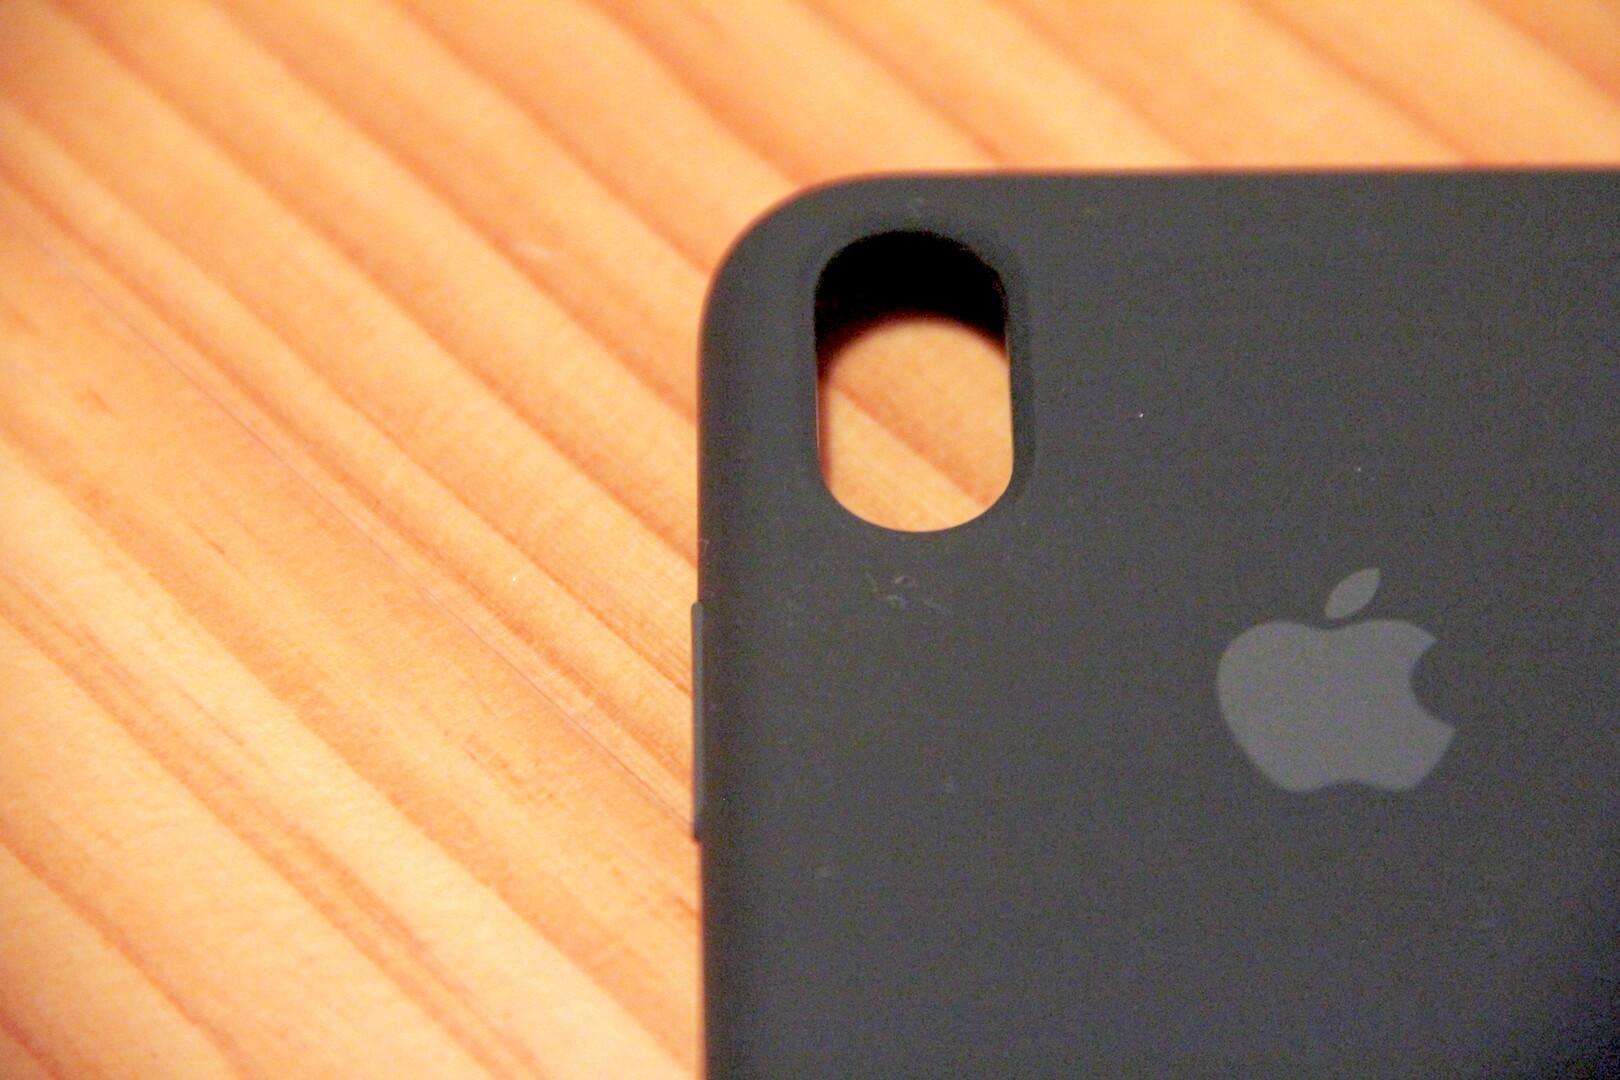 iPhoneXApple純正ケース開口部分の写真